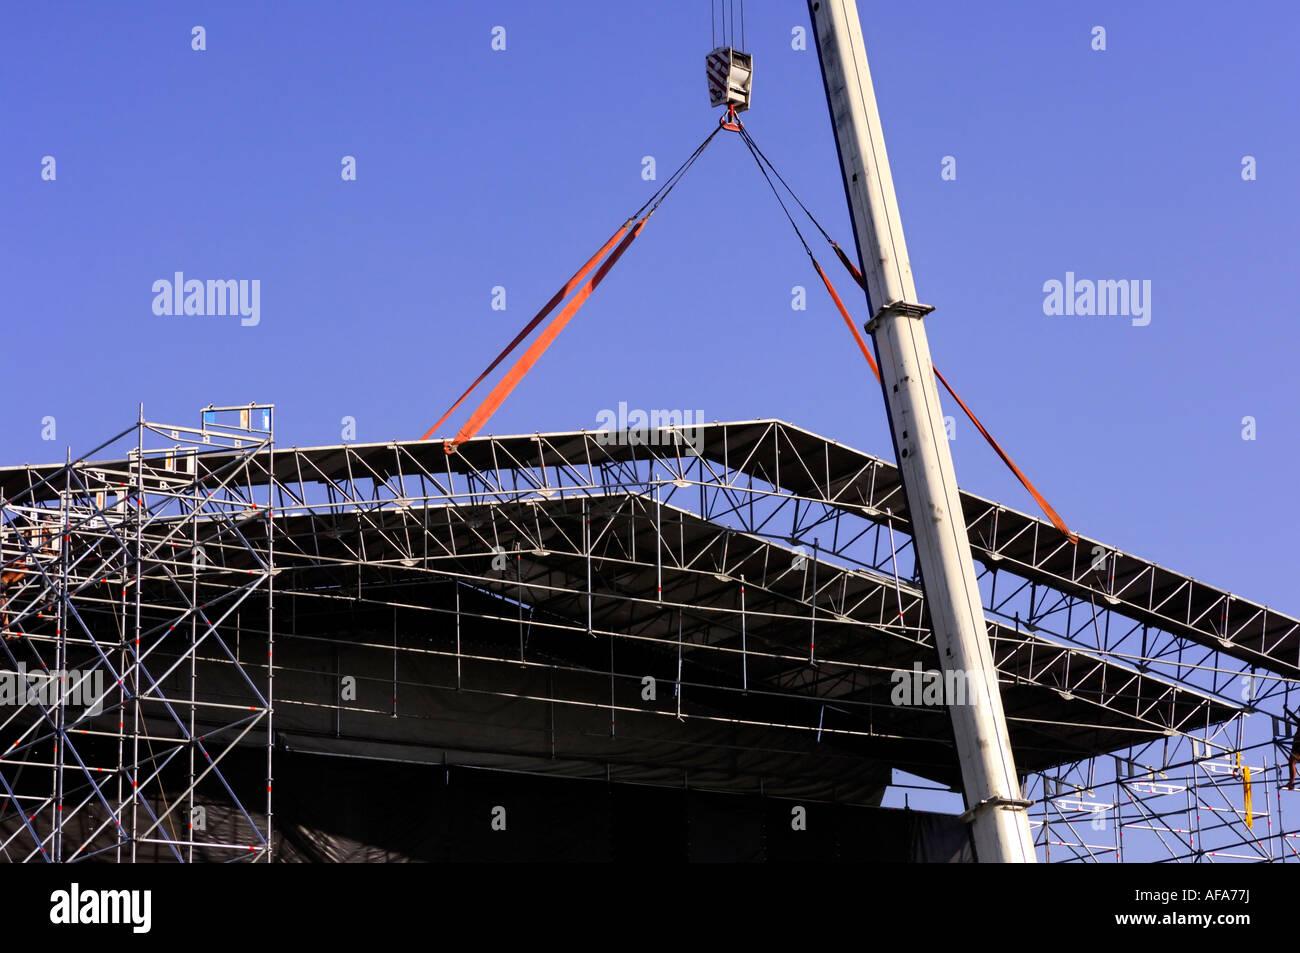 Kran auf einer Baustelle ein Metall Dachstuhl anheben Stockfoto ...